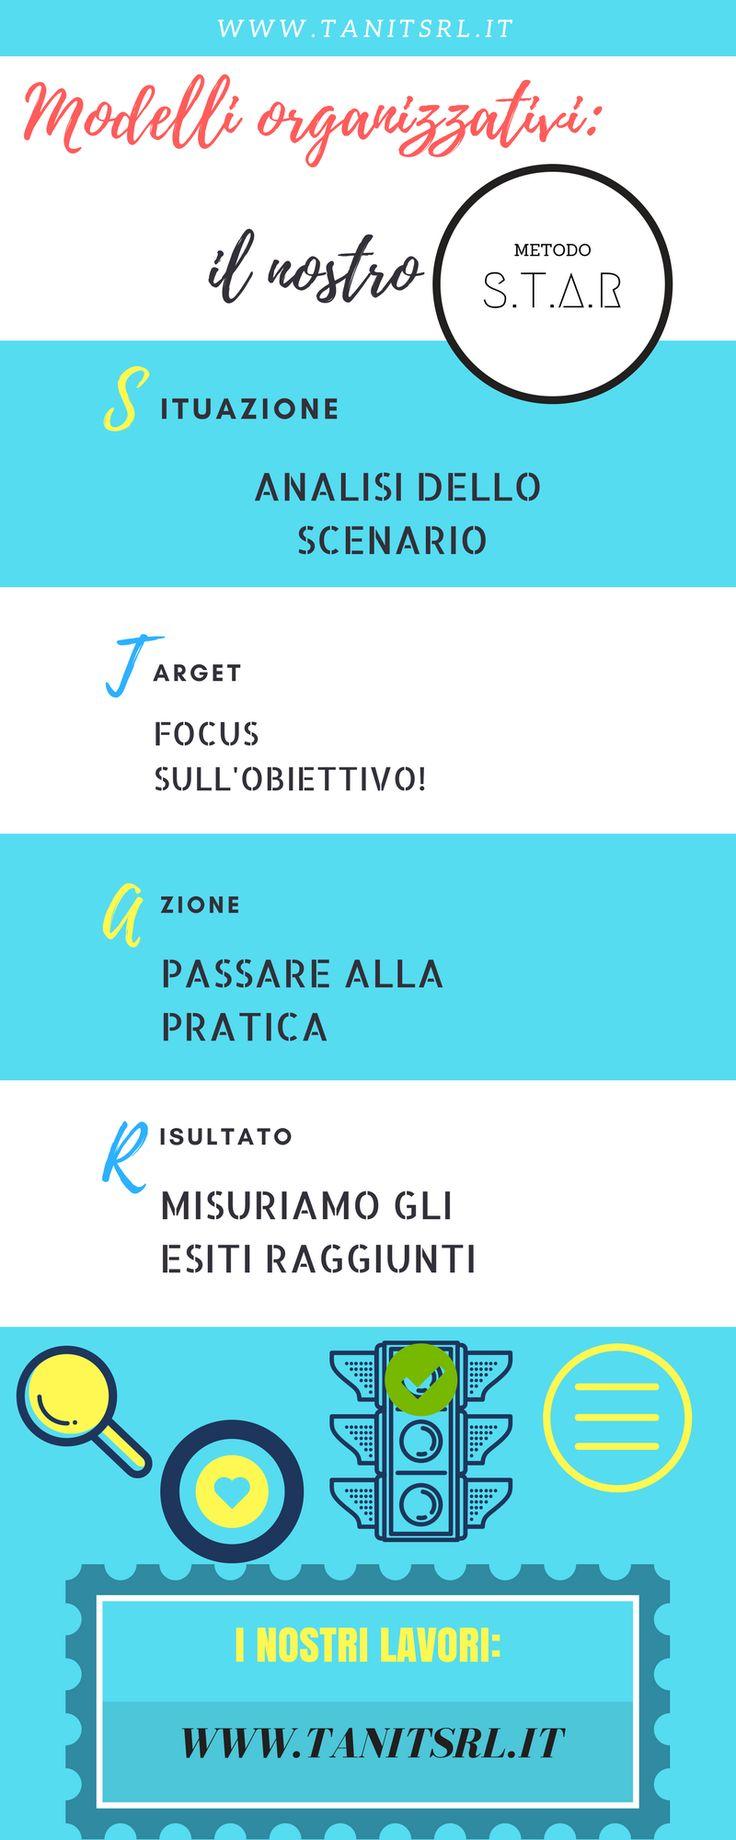 L'approccio della consulenza organizzativa